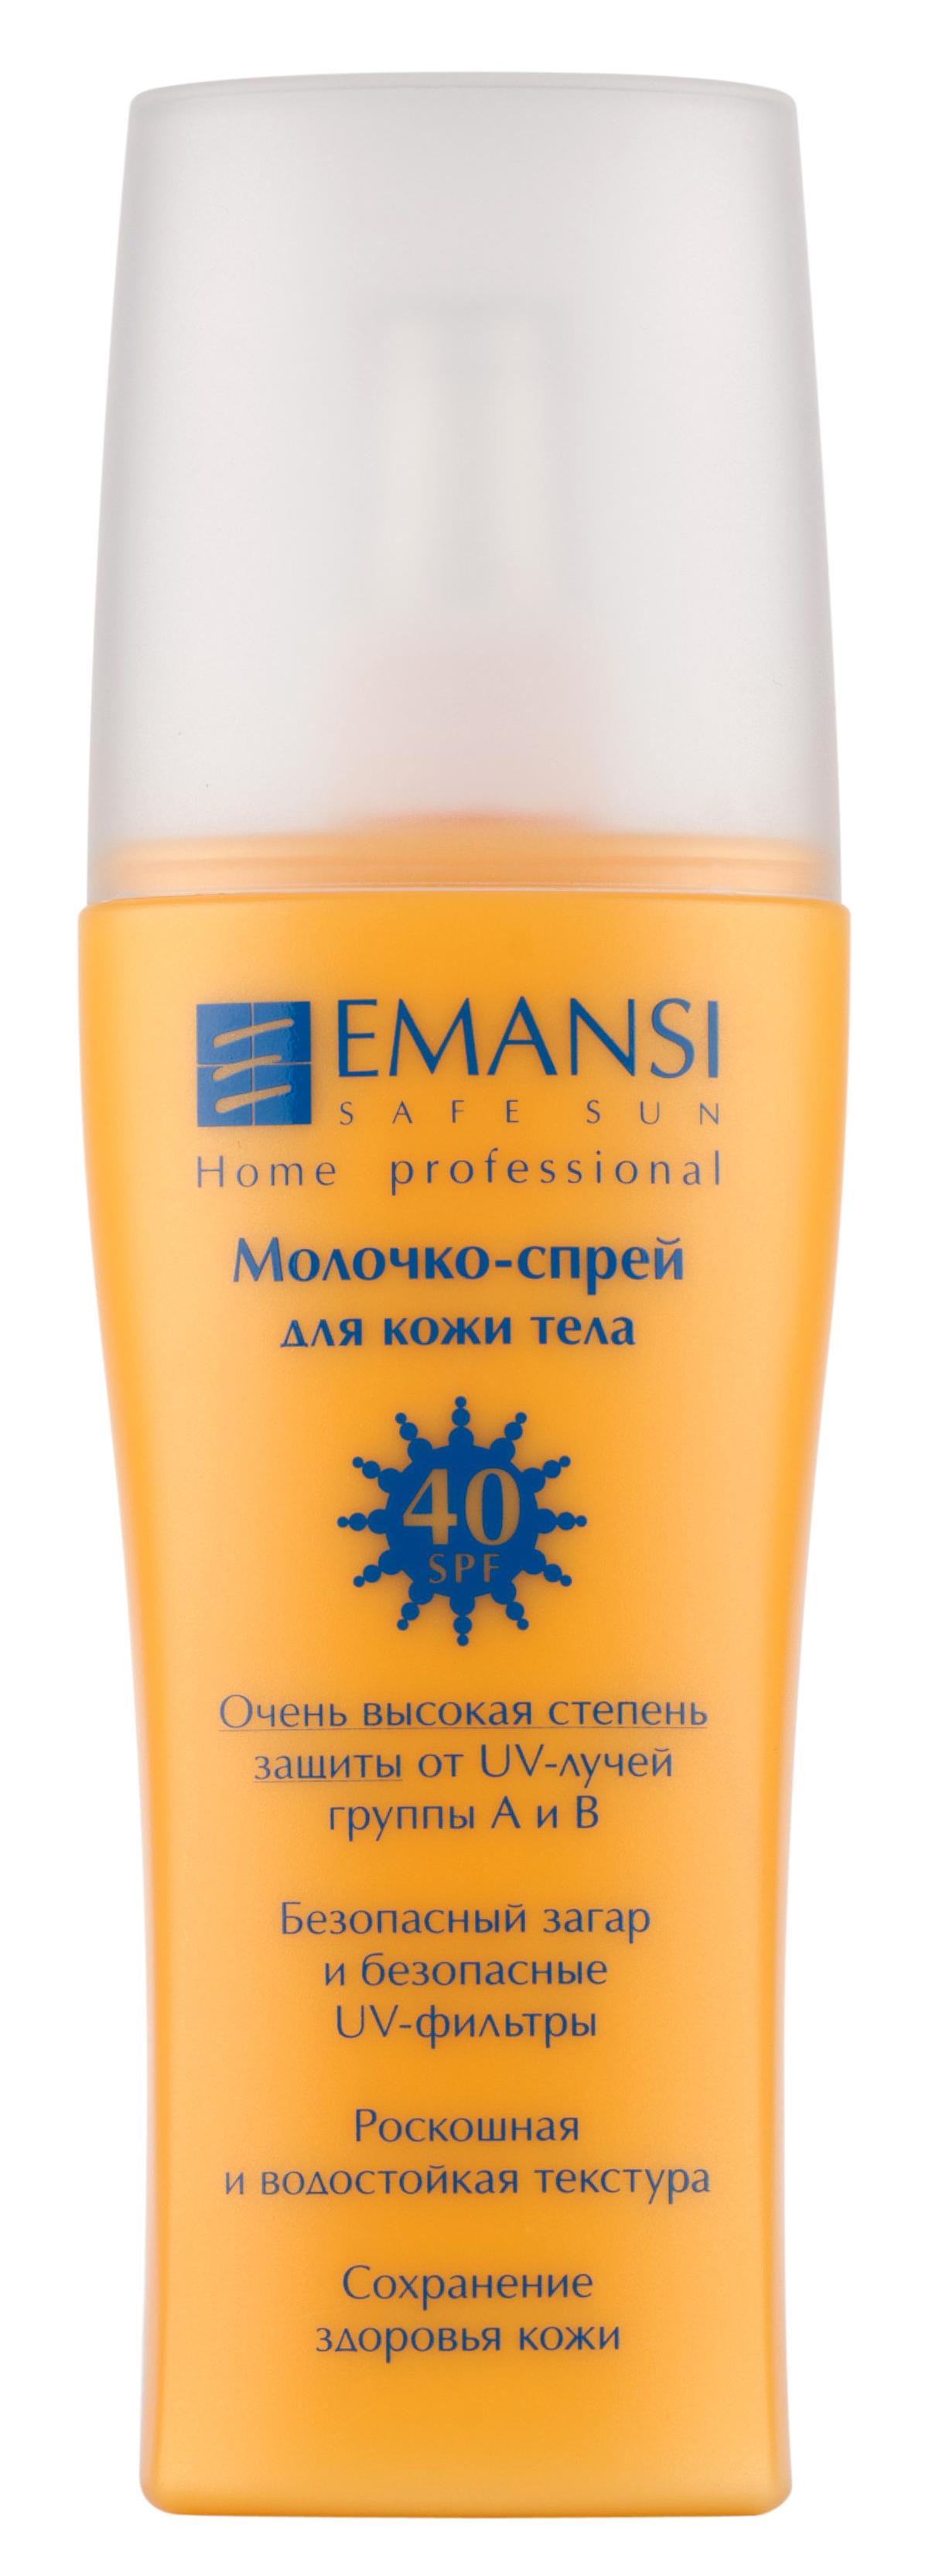 Emansi Молочко-спрей для кожи тела Safe sun SPF 40, 150 млБ33041_шампунь-барбарис и липа, скраб -черная смородина- Высокая степень защиты от UV-лучей группы А и В- Безопасный загар и безопасные UV-фильтры- Роскошная и водостойкая текстура - Сохранение здоровья кожи - Защищает от UV-лучей группы А и В благодаря включению безопасных UV-фильтров - Устойчиво к действию воды и пота - Подходит для любой, в том числе и чувствительной кожи